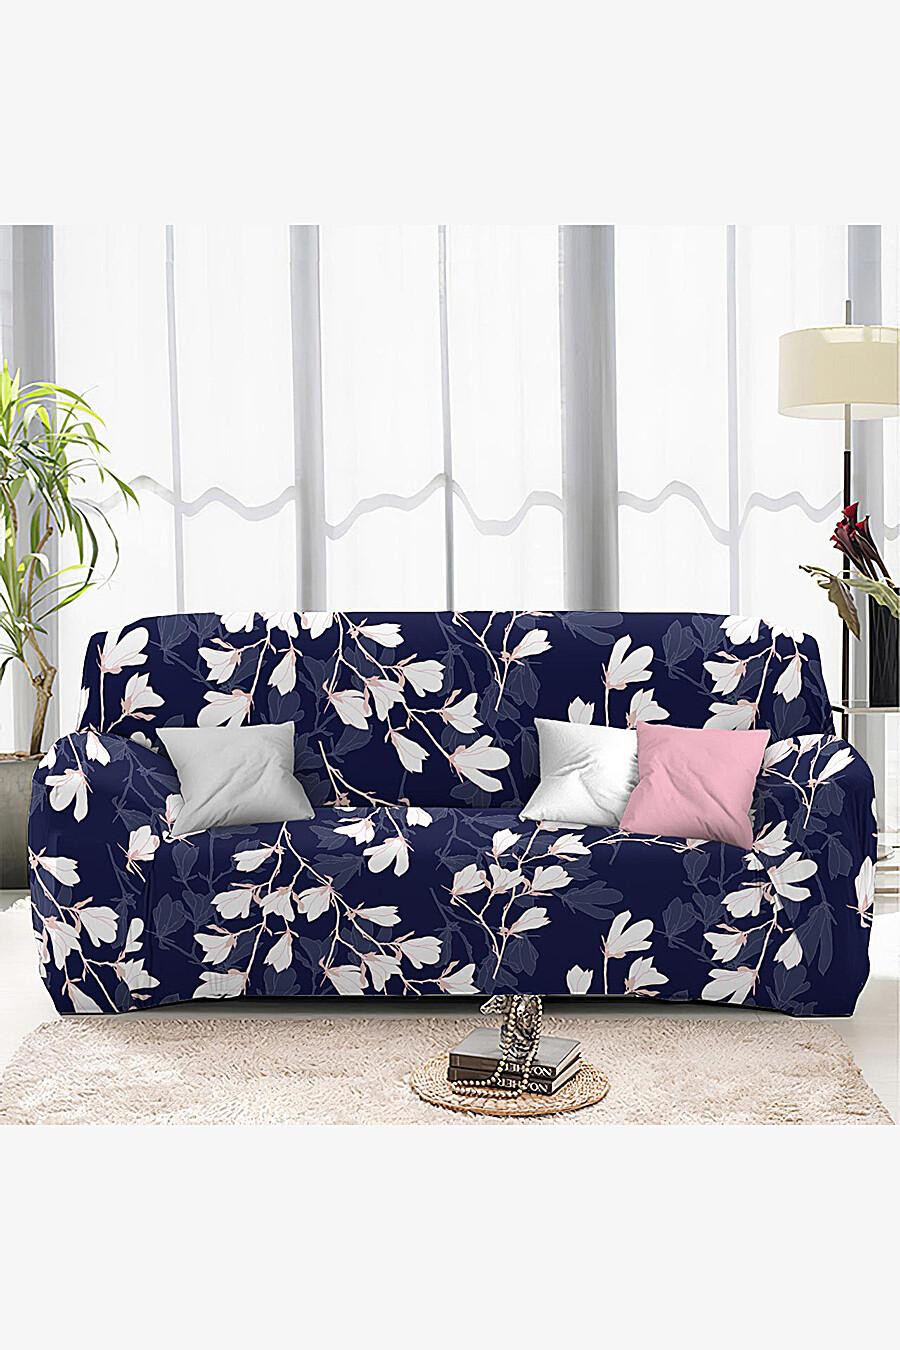 Чехол на диван для дома ART HOME TEXTILE 162831 купить оптом от производителя. Совместная покупка товаров для дома в OptMoyo